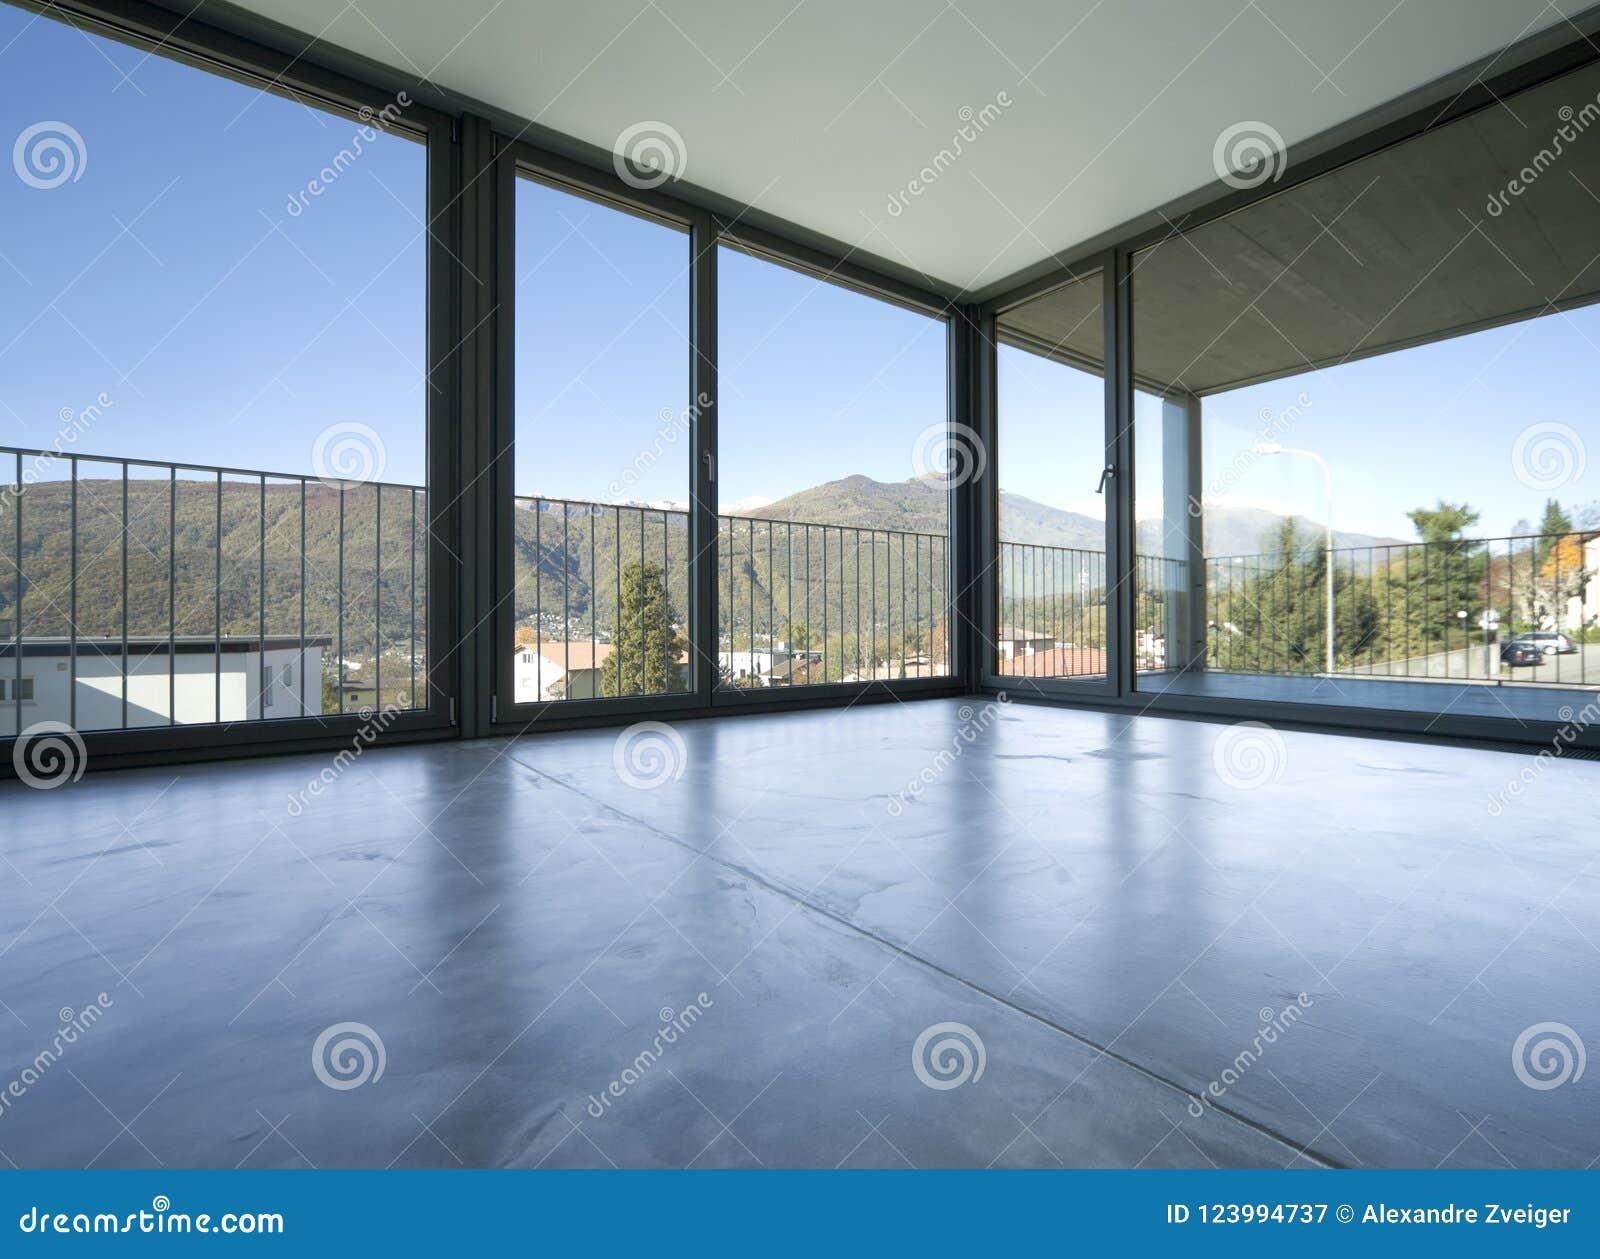 Dettaglio del salone vuoto con le grandi finestre che danno sulle montagne